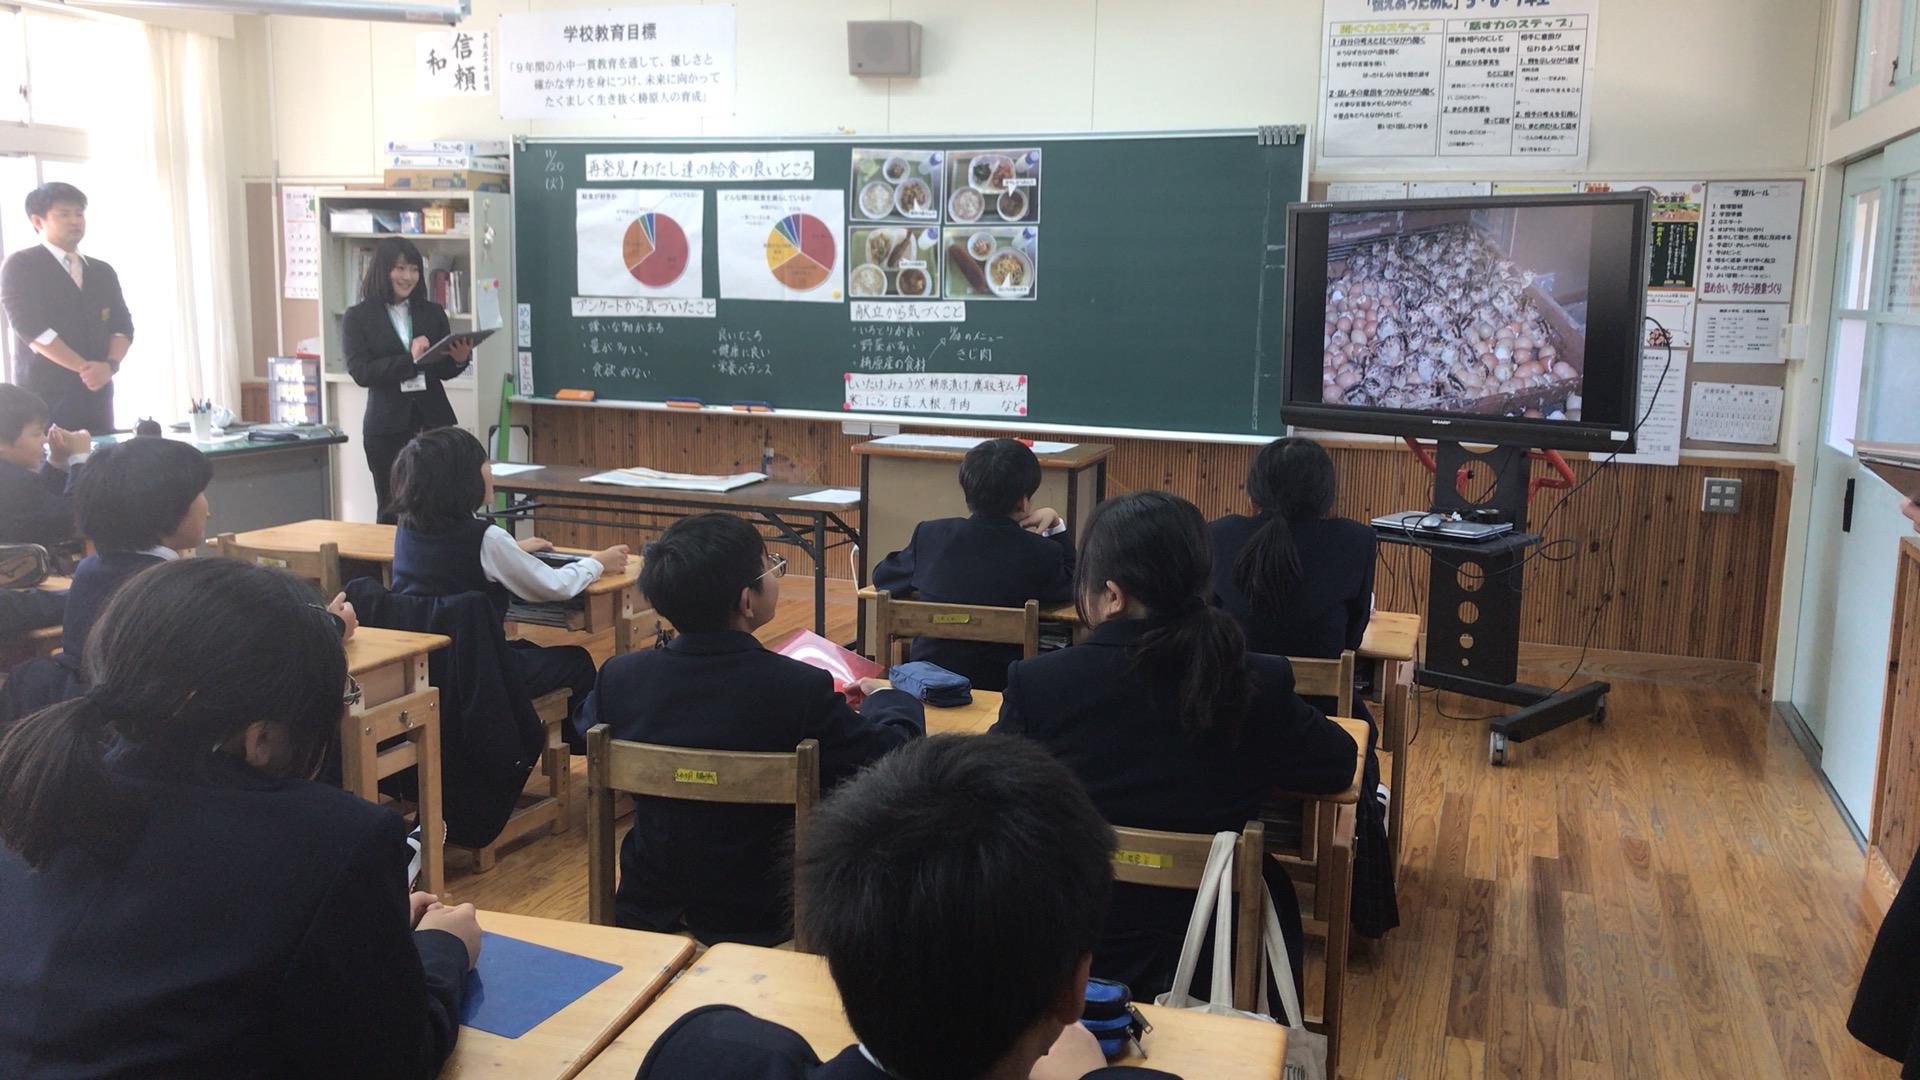 高岡地区食育学校給食研修会、開催しました。